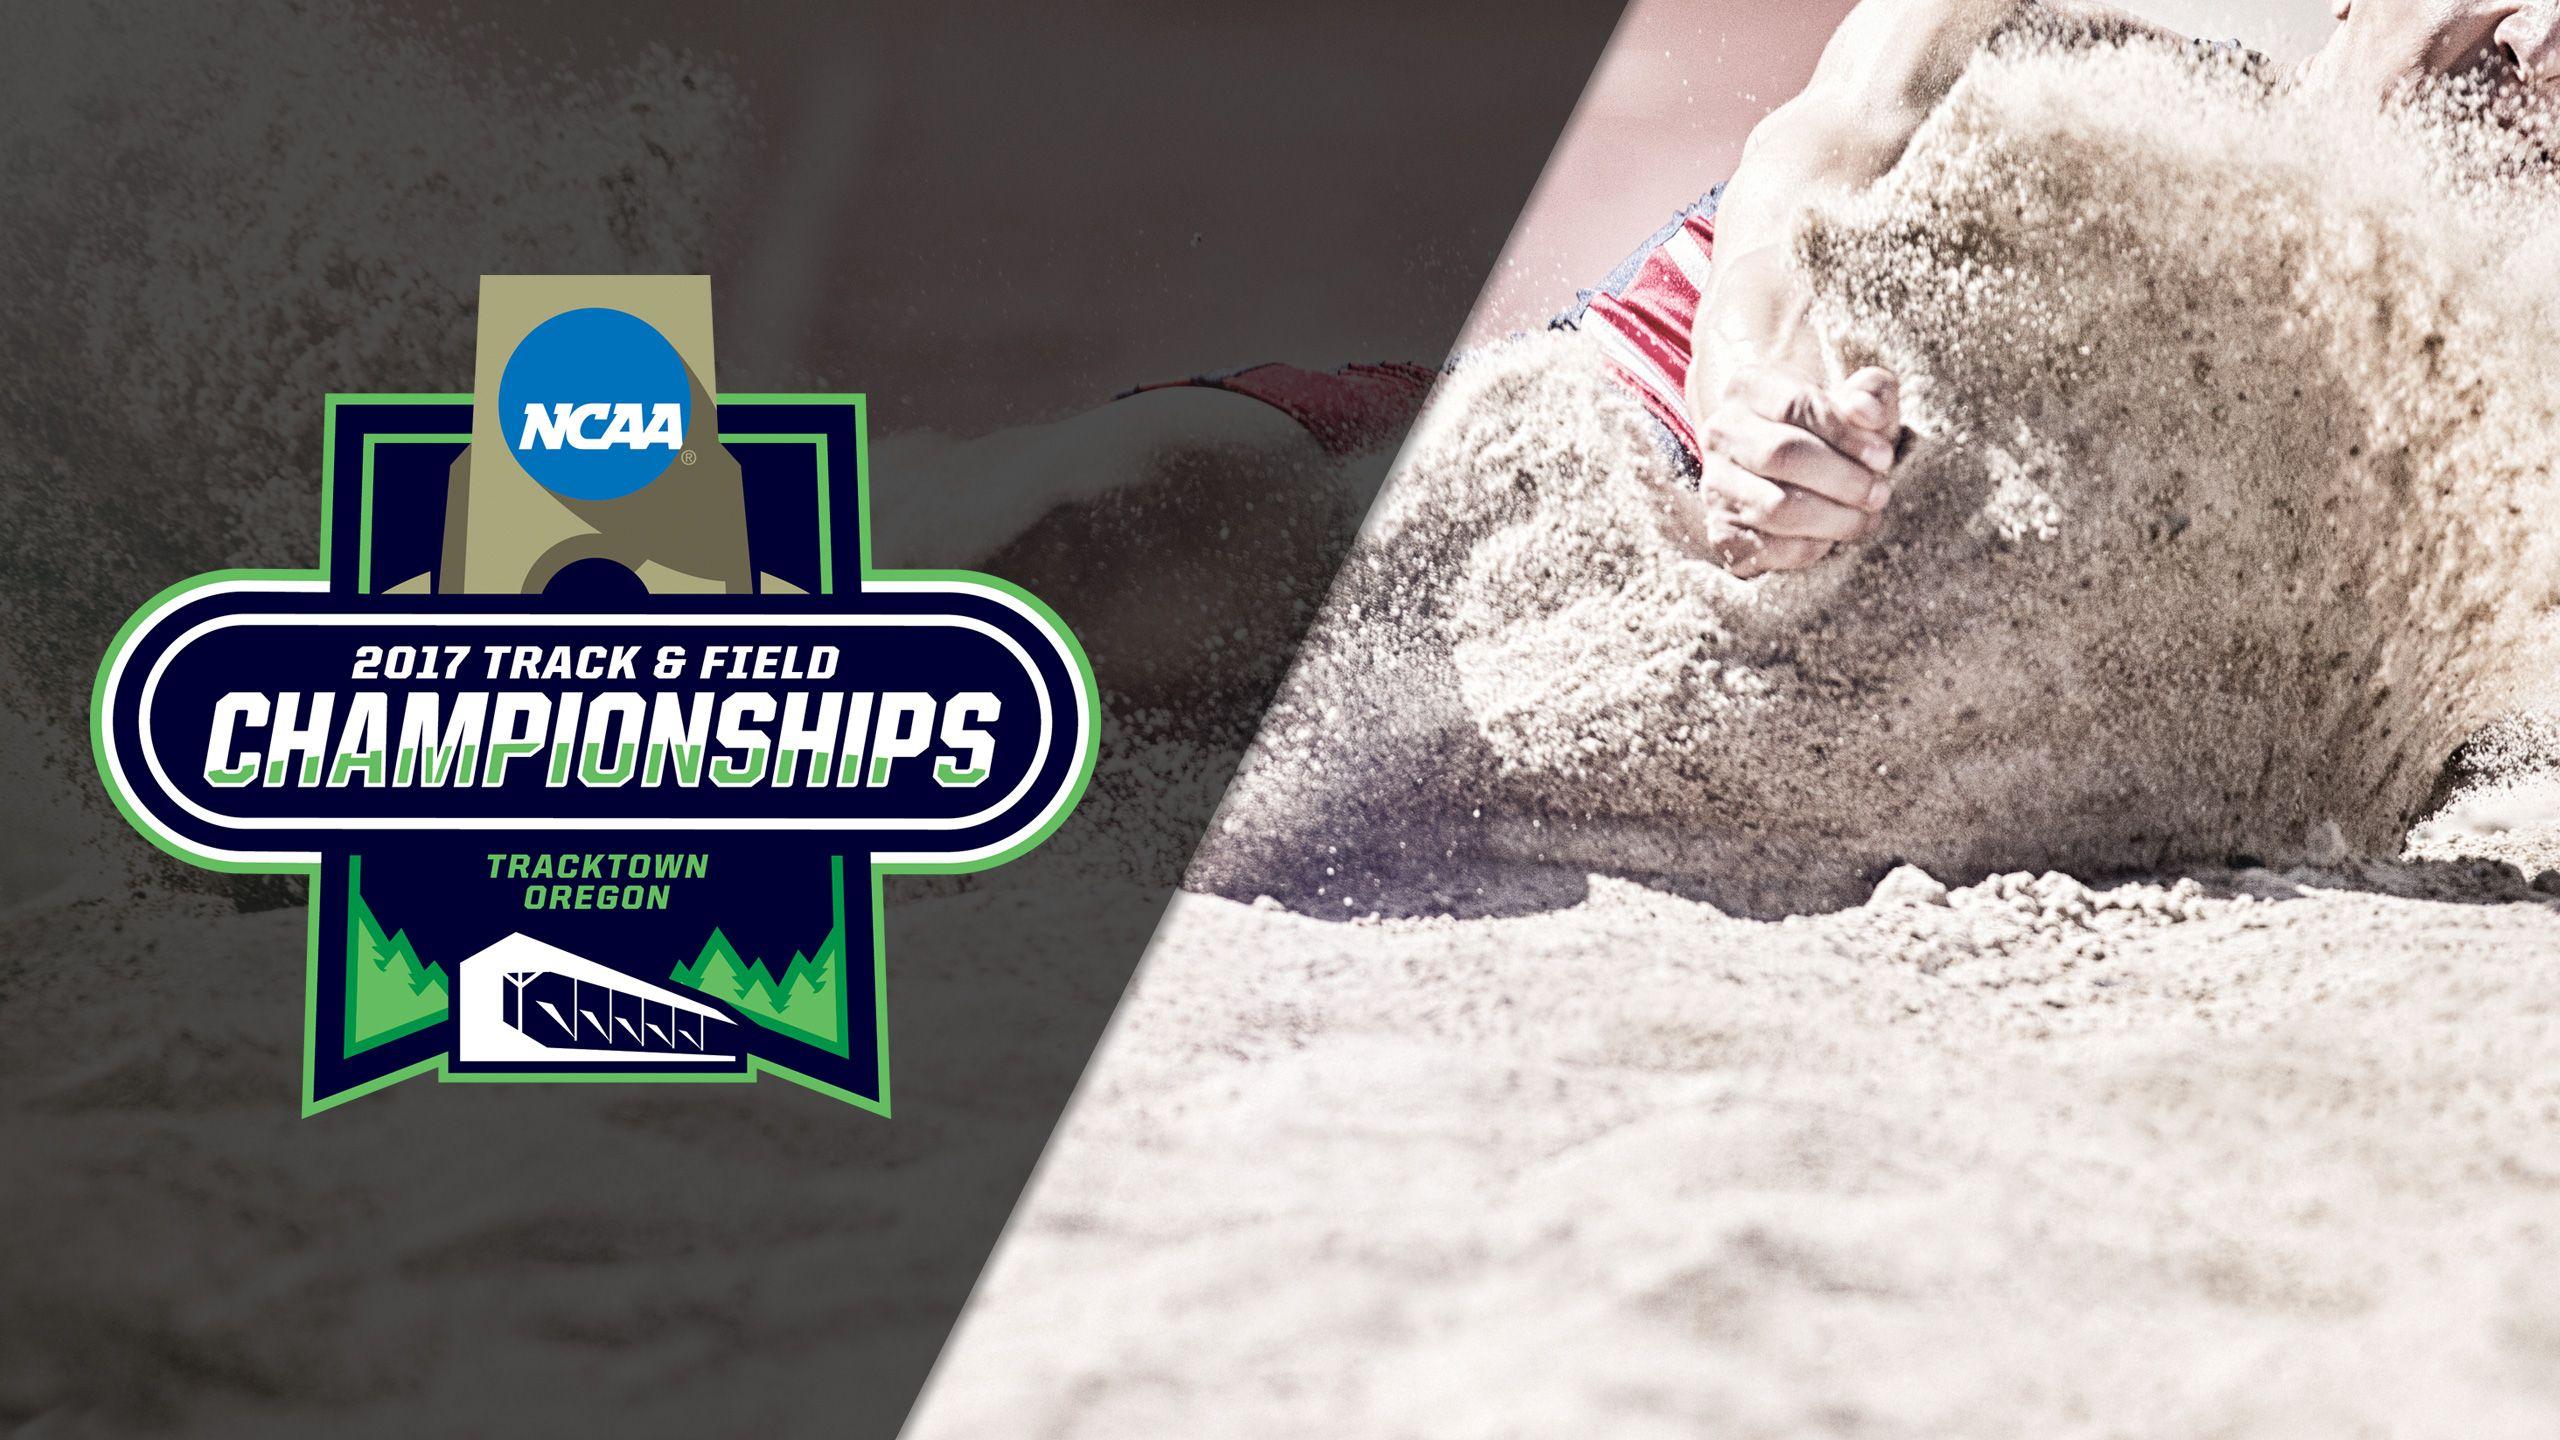 NCAA Track & Field Outdoor Championships - Decathlon: Long Jump (Flight 2), Shot Put (Flight 1)